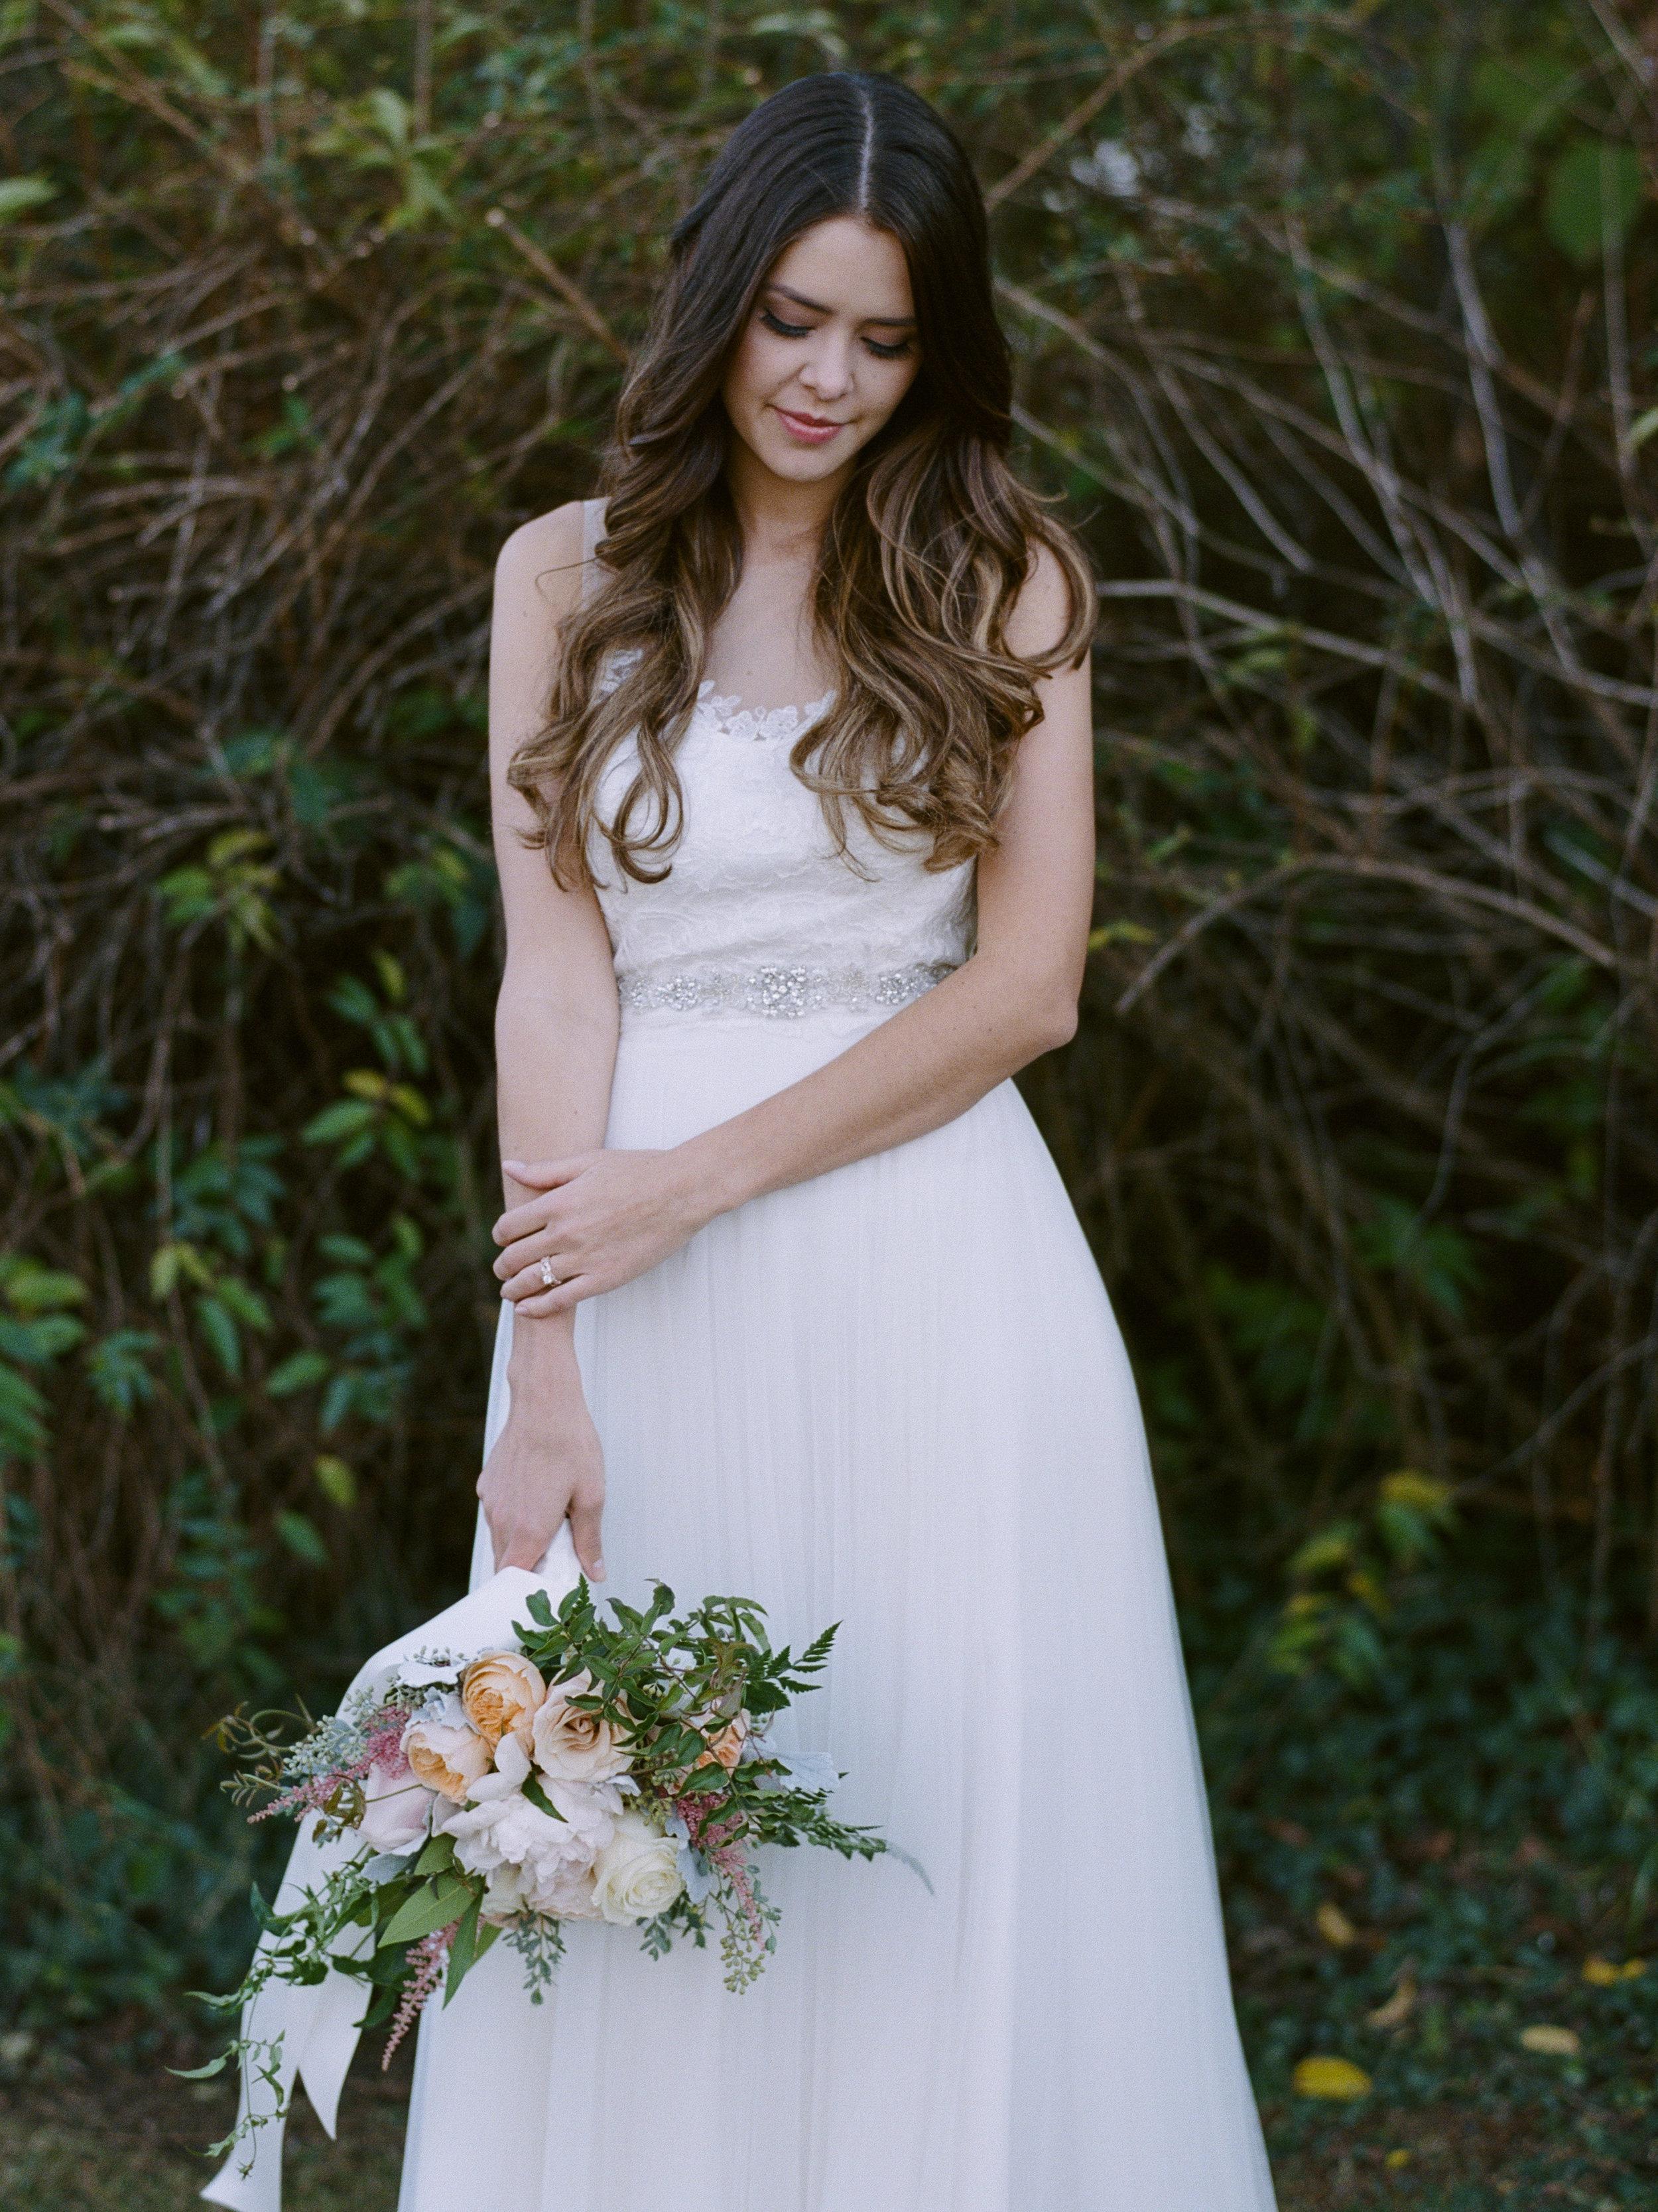 blush_peach_bridal_bouquet_flower_farm_inn_loomis_violette_fleurs.jpg